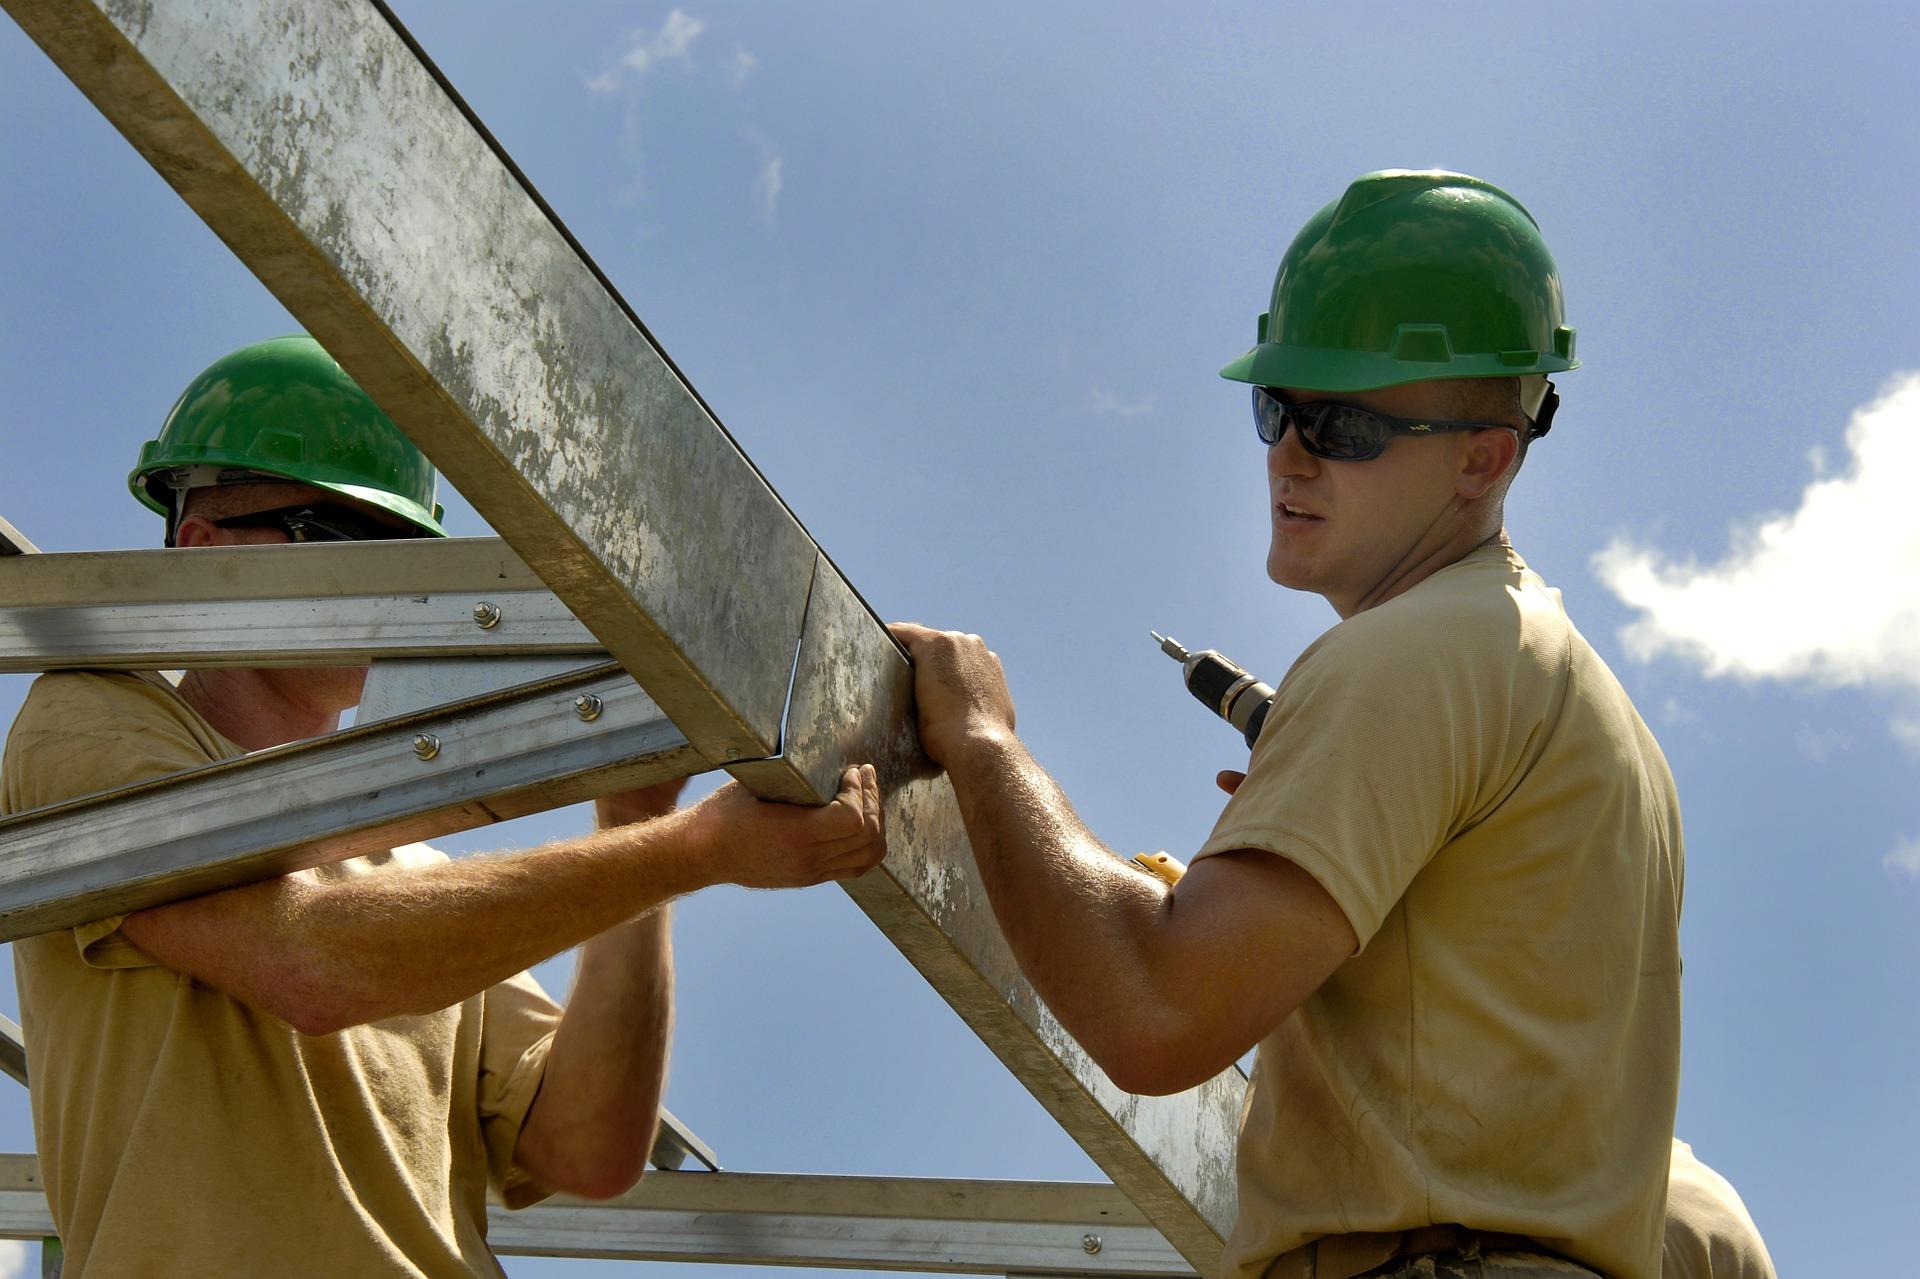 Szkolenie wstępne bhp pracowników budowlanych